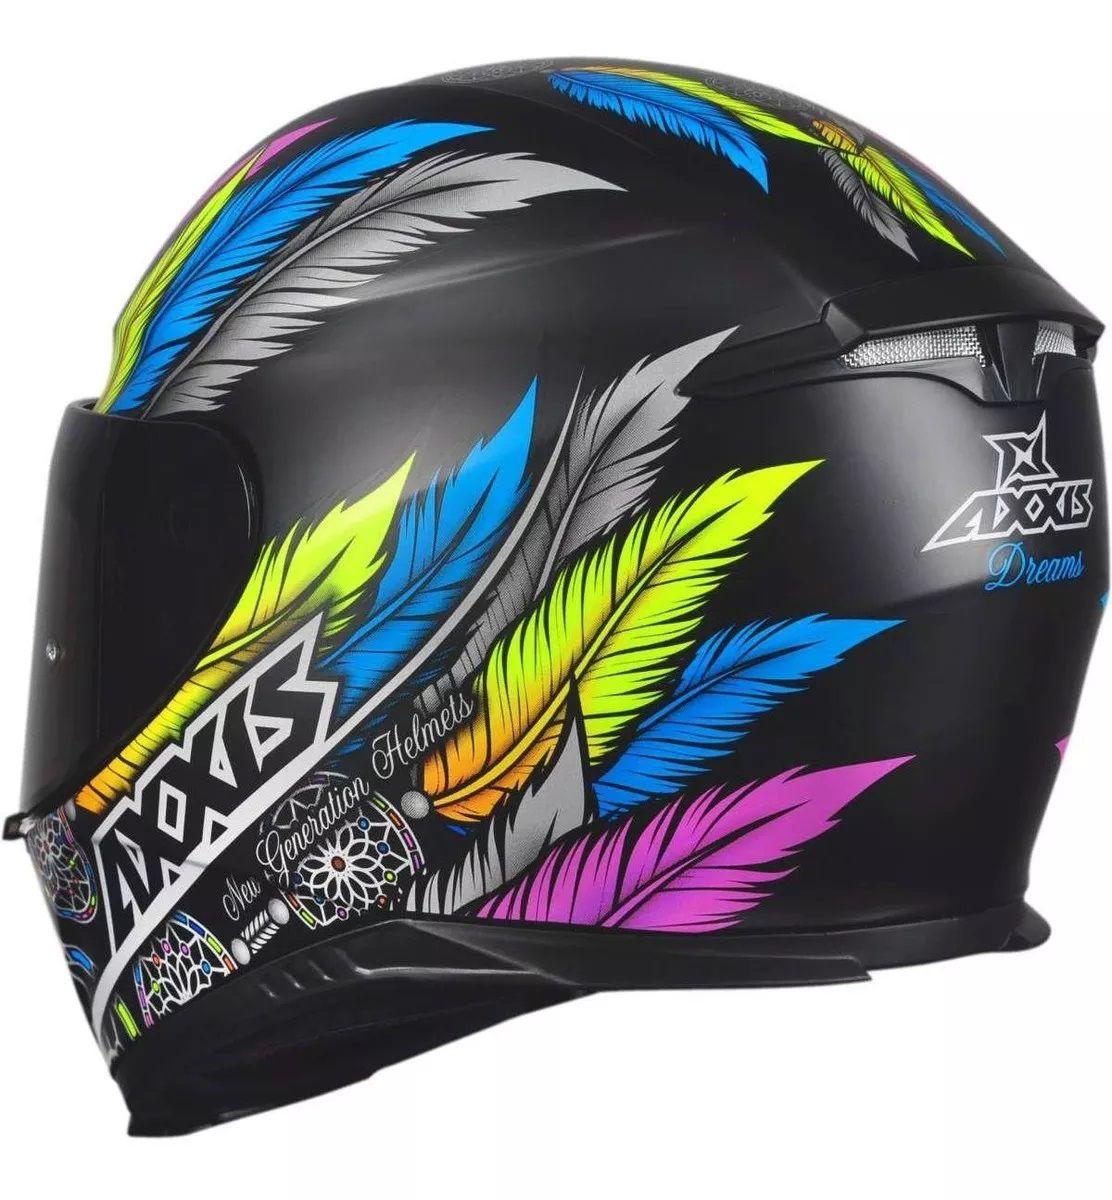 Capacete Axxis Draken Dreams Peninha  - Ditesta & Daihead - Moto Store